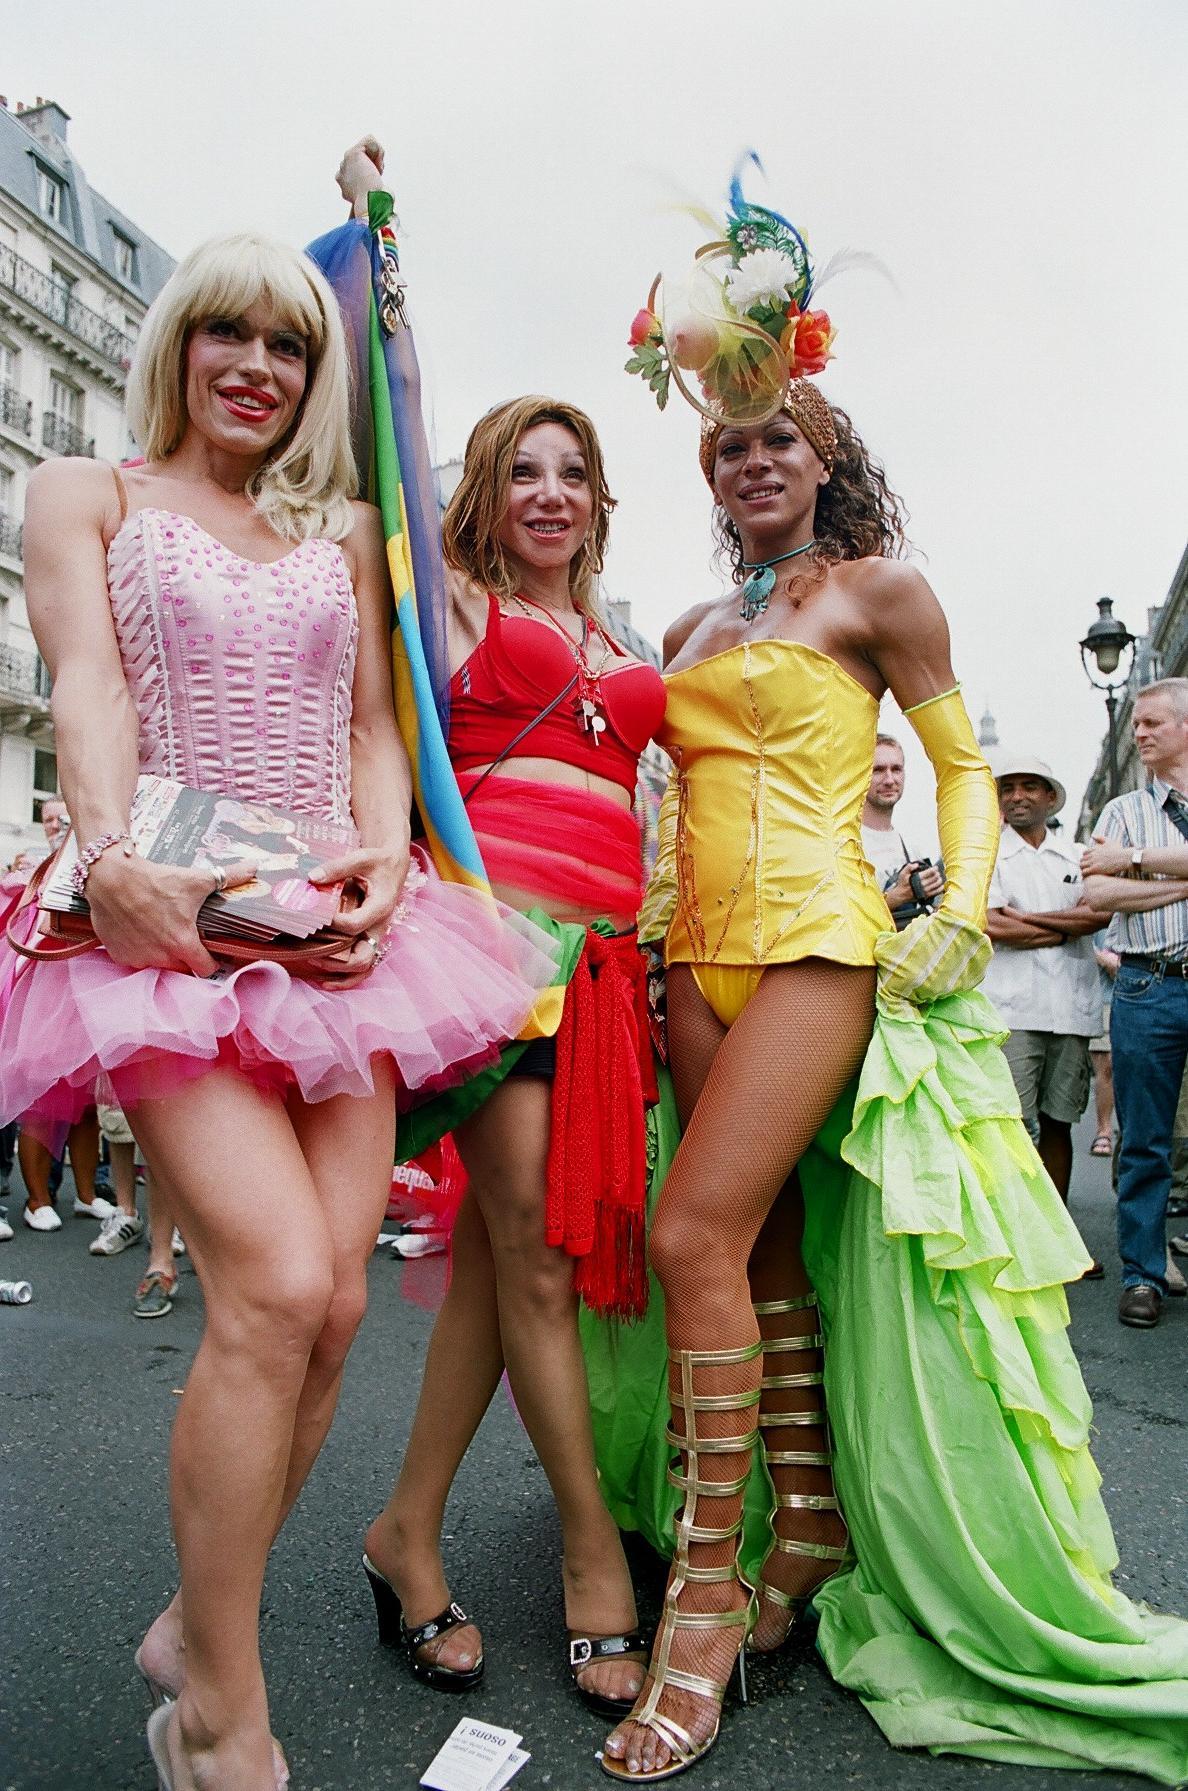 rencontre de gay francaise